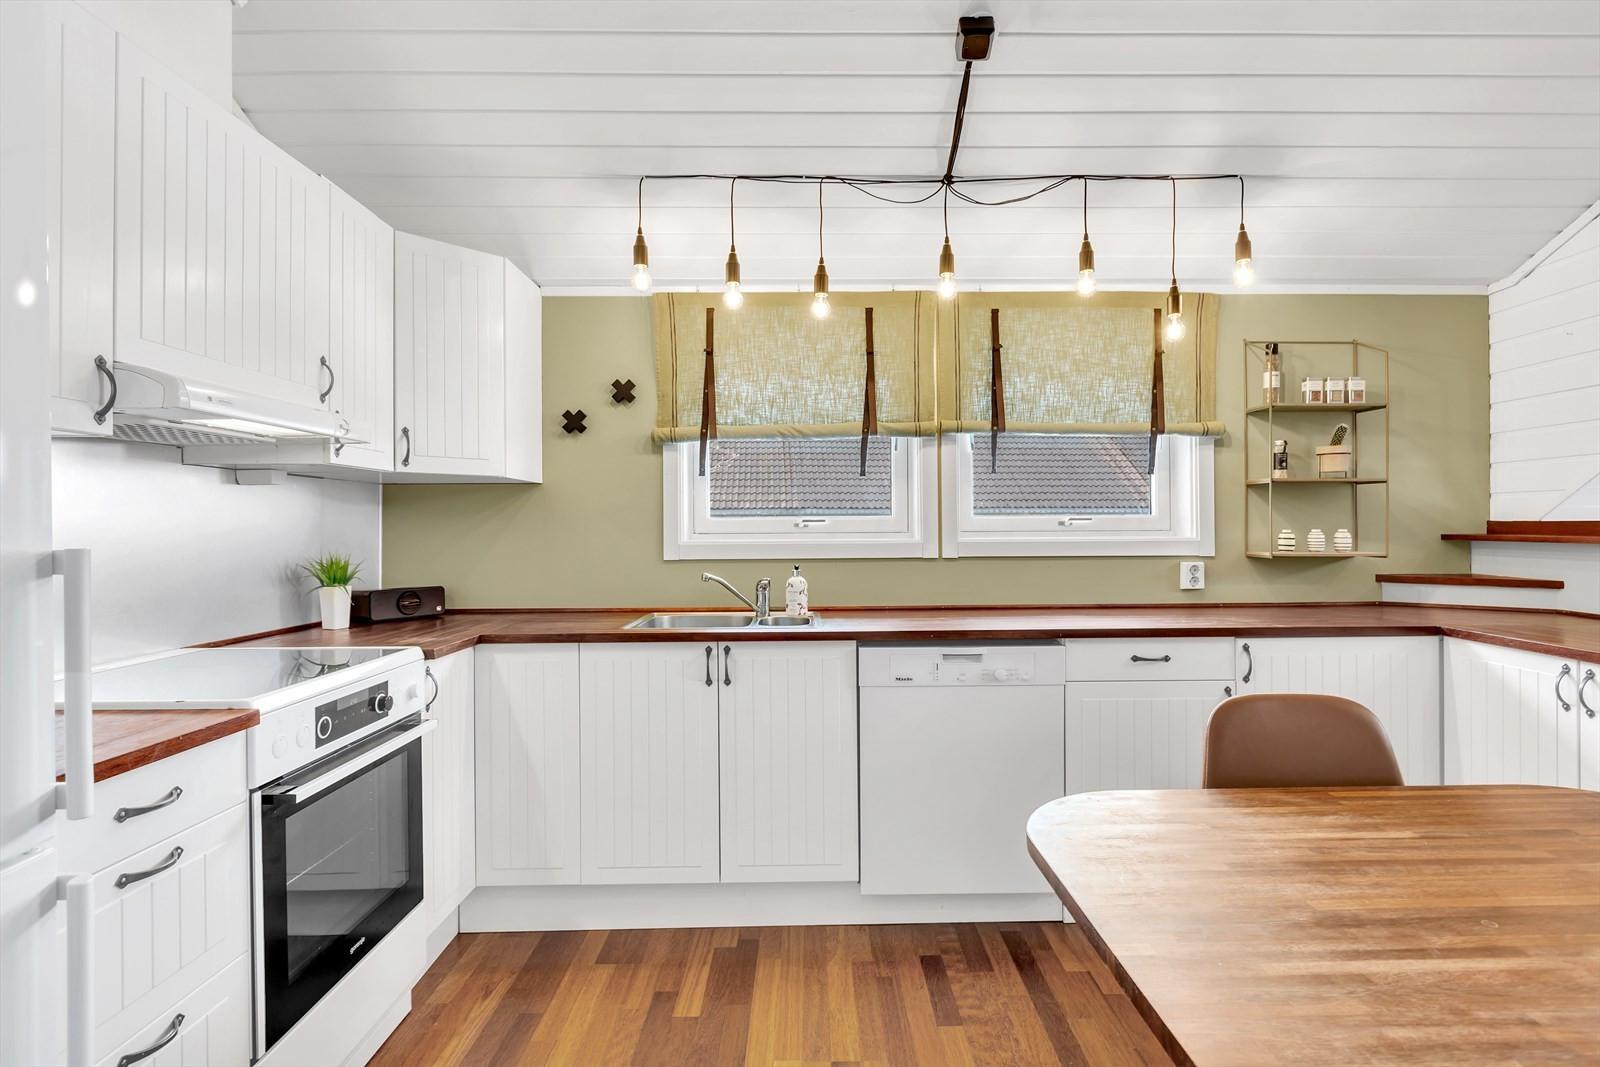 Delikat kjøkken med mye benkeplass og lysinnslipp fra vindu.